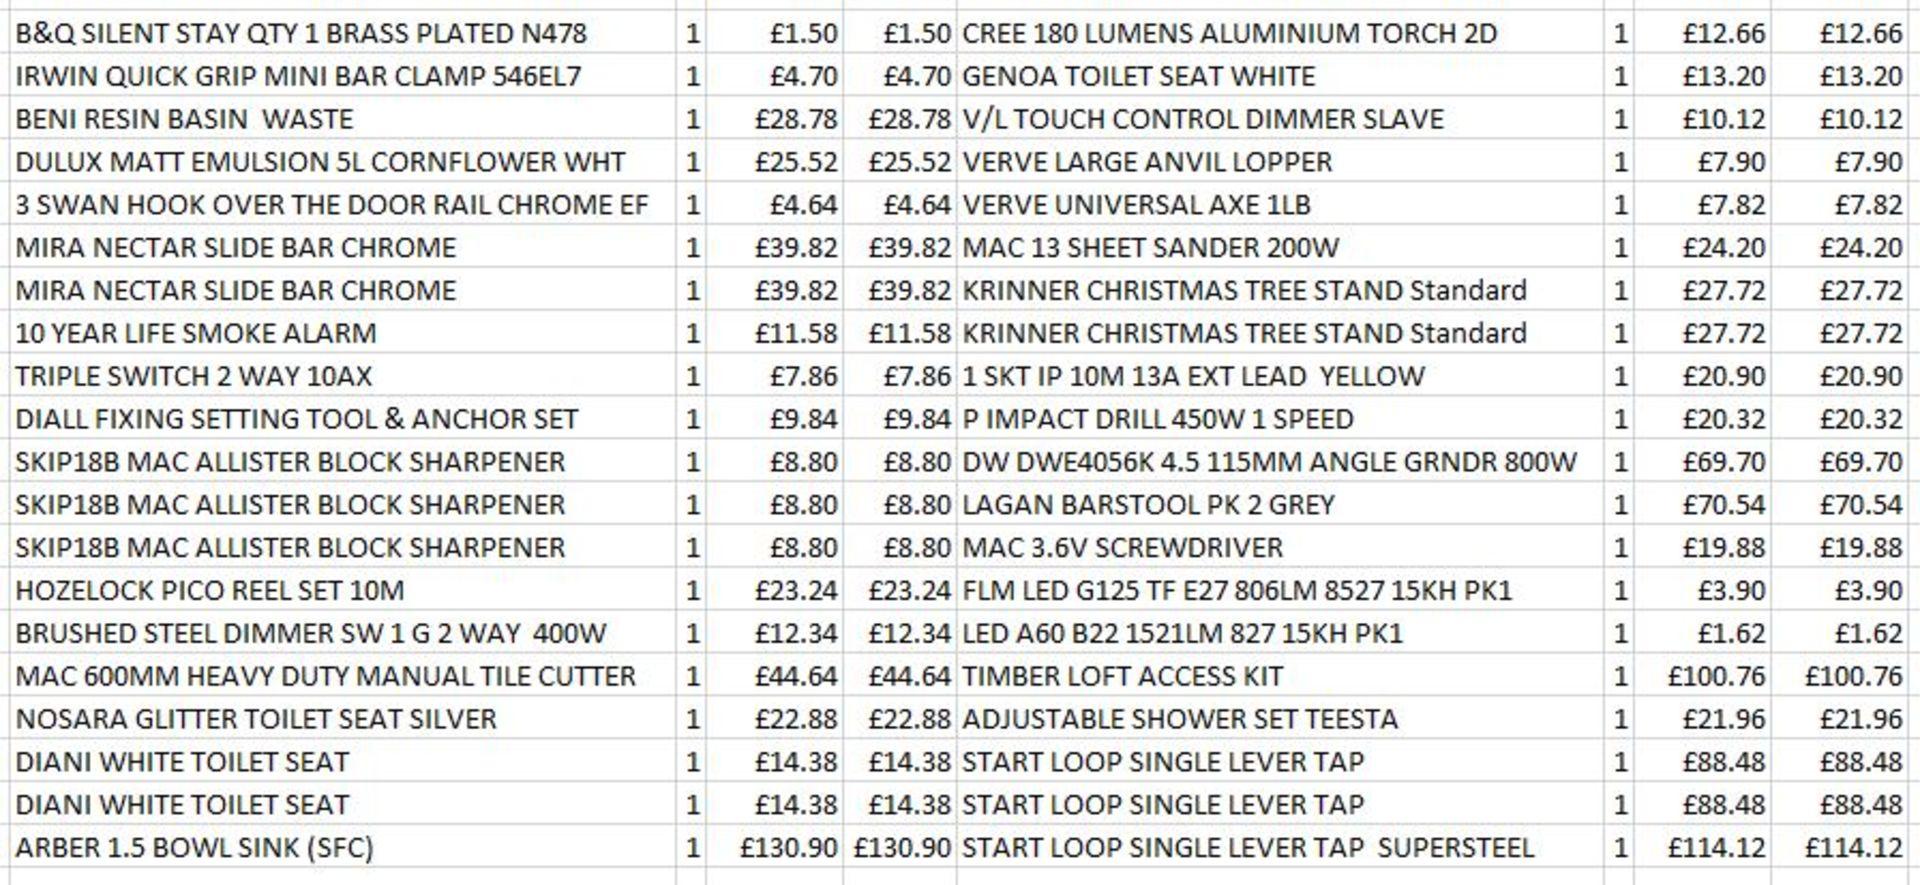 + VAT Grade U Trade Pallet Quantites Of B & Q Returns - Mixed - Retail Value £1215